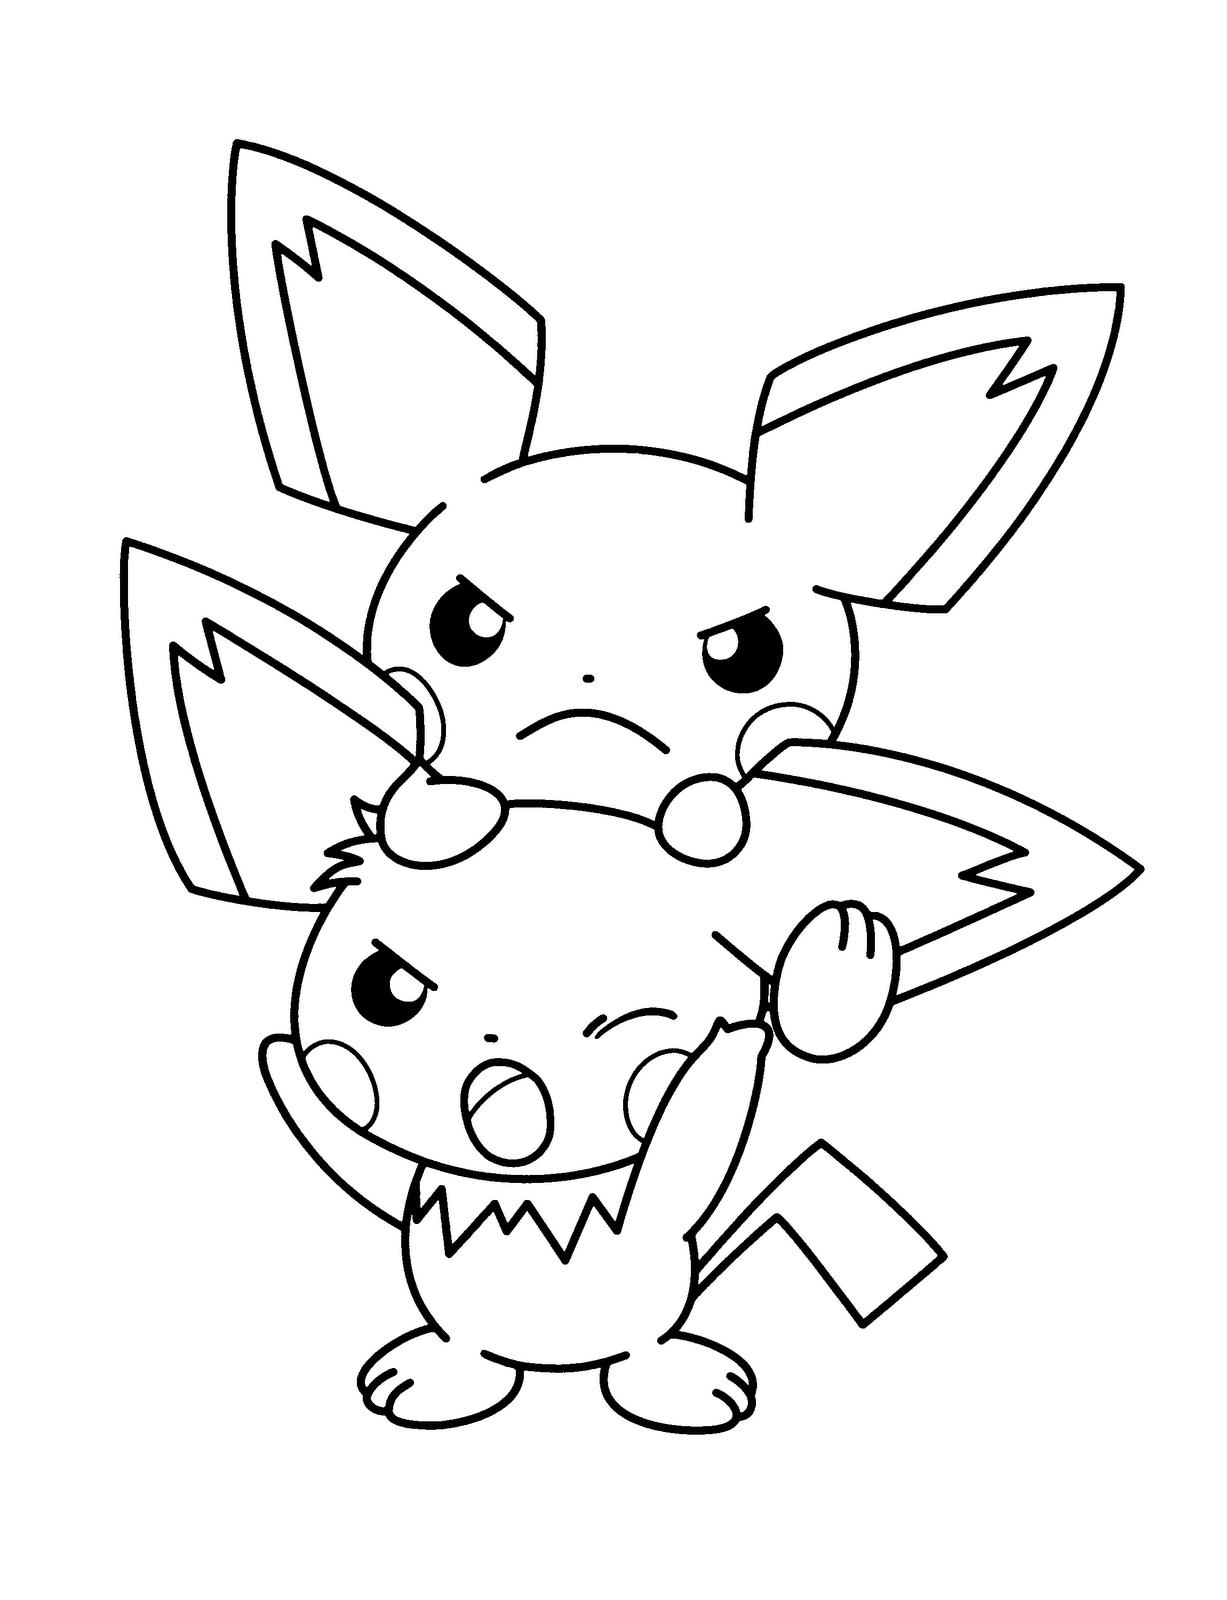 1227x1600 Pikachu Pokemon Pokemon Coloring Pages Free Printable Kids Art